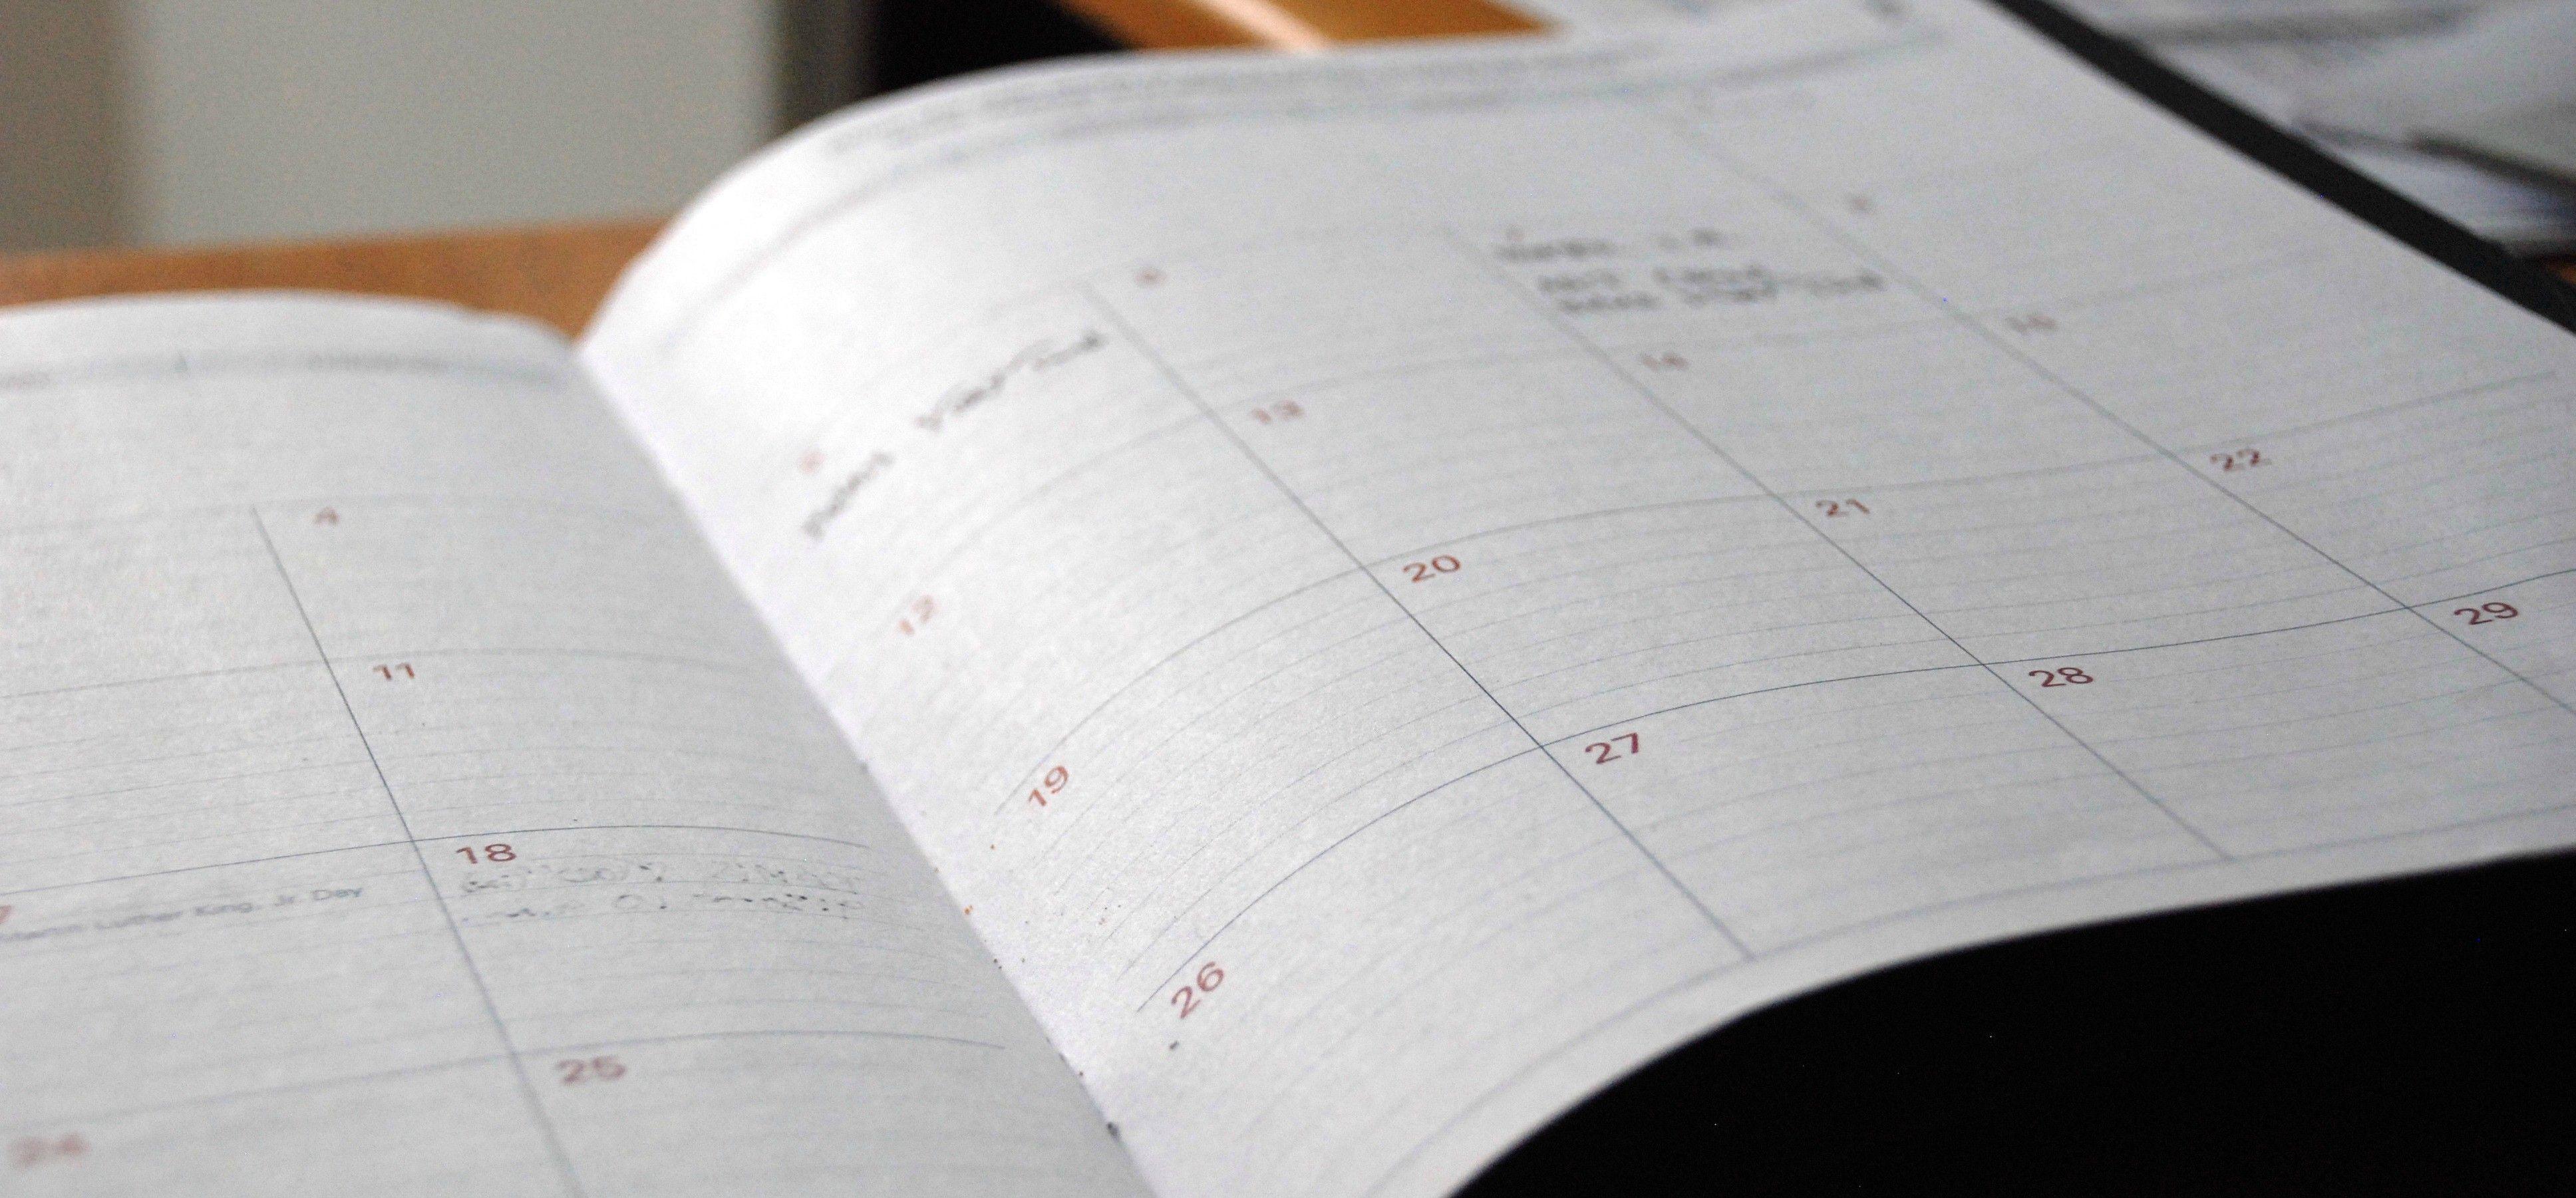 En planlegger med en kalenderside åpen